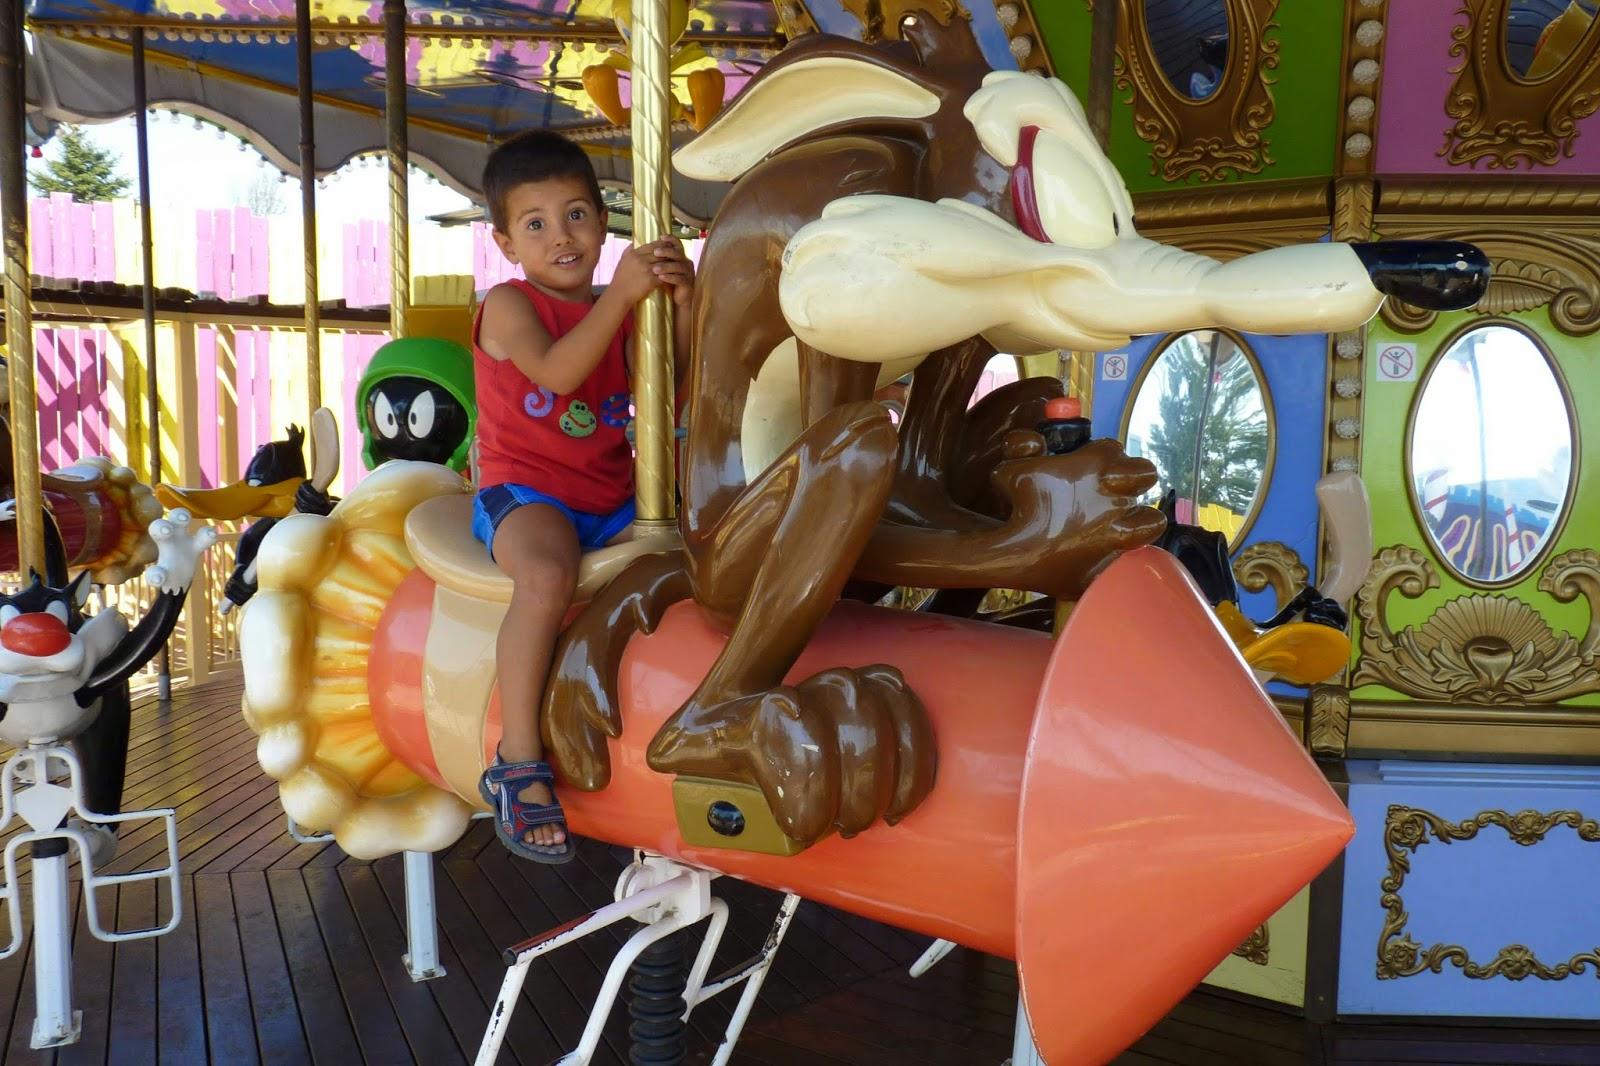 El Carrousel de los Looney Tunes.